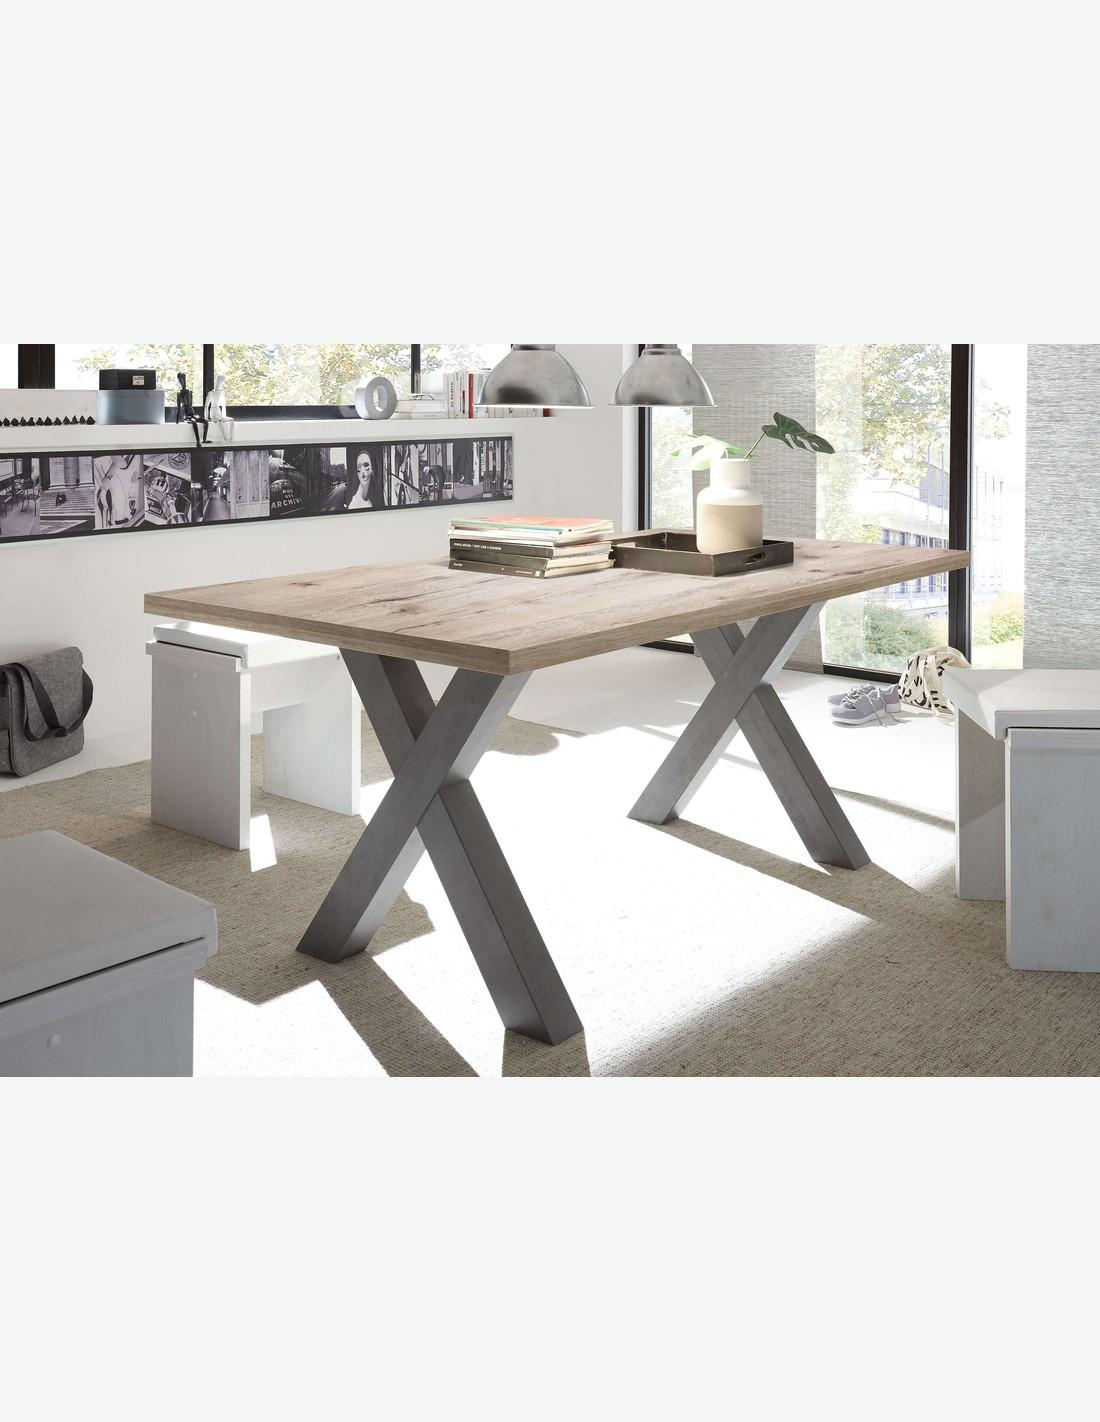 Atemberaubend Stuhl Schienen In Der Küche Fotos - Ideen Für Die ...